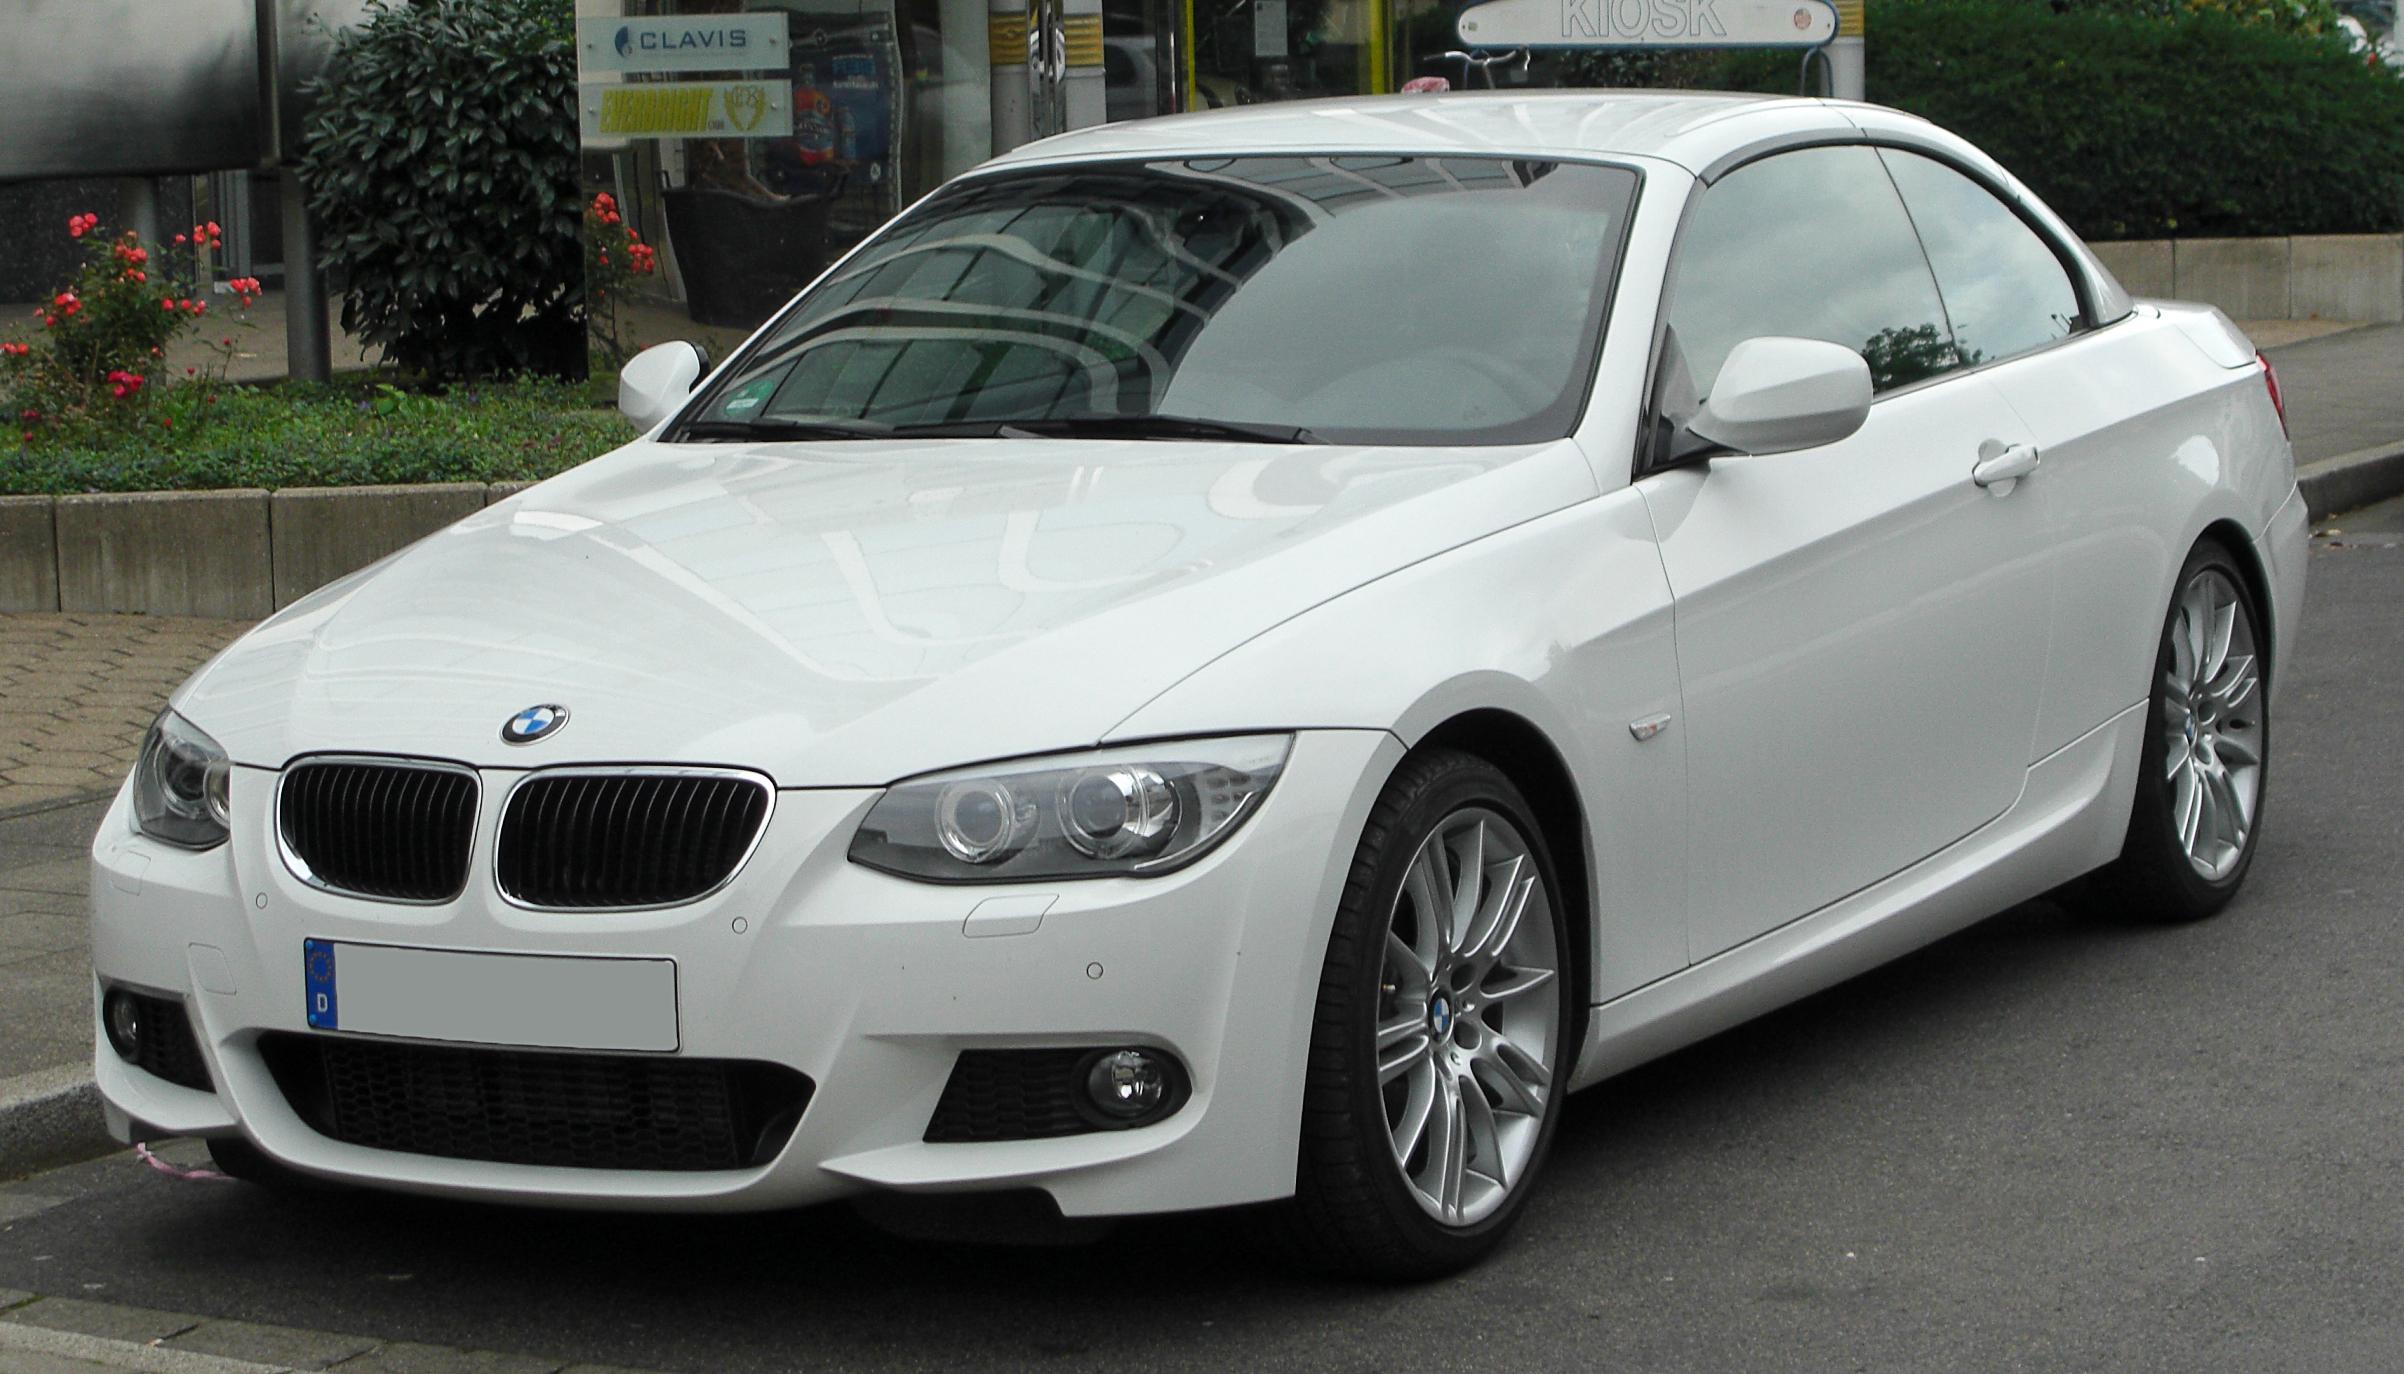 Комплектация BMW по VIN коду  расшифровка и определение